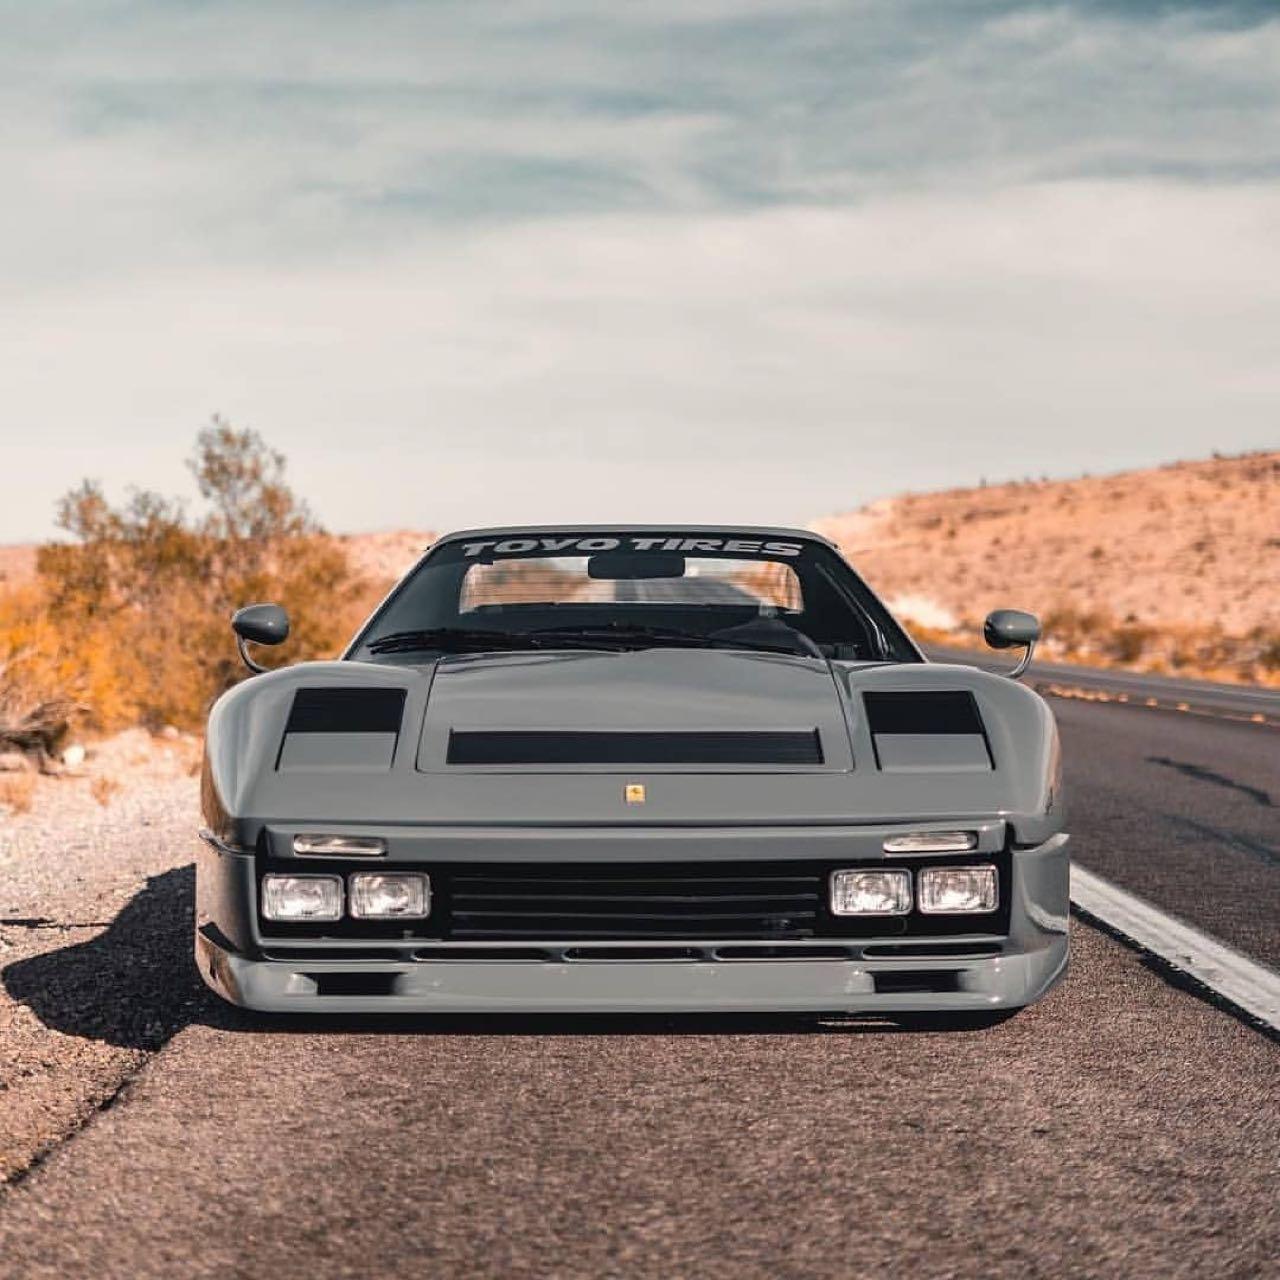 Ferrari 328 BB3X8 FDP par Casil Motors... Drôle de nom pour une tuerie ! 4